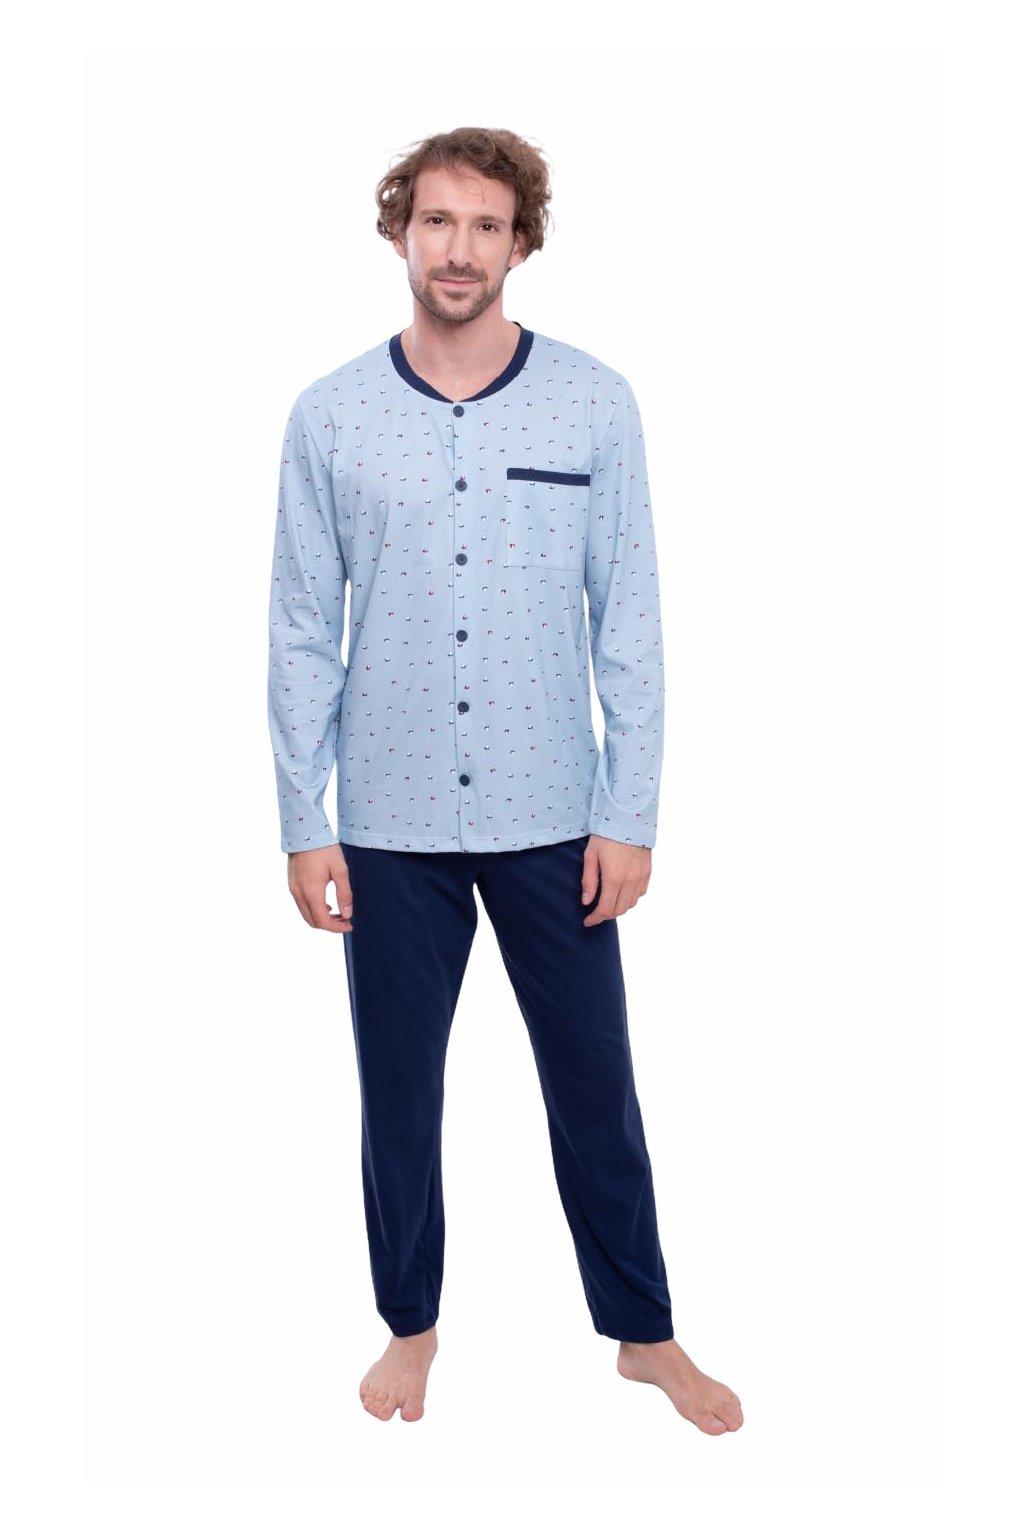 Pánské pyžamo s dlouhým rukávem, 204140 58, modrá